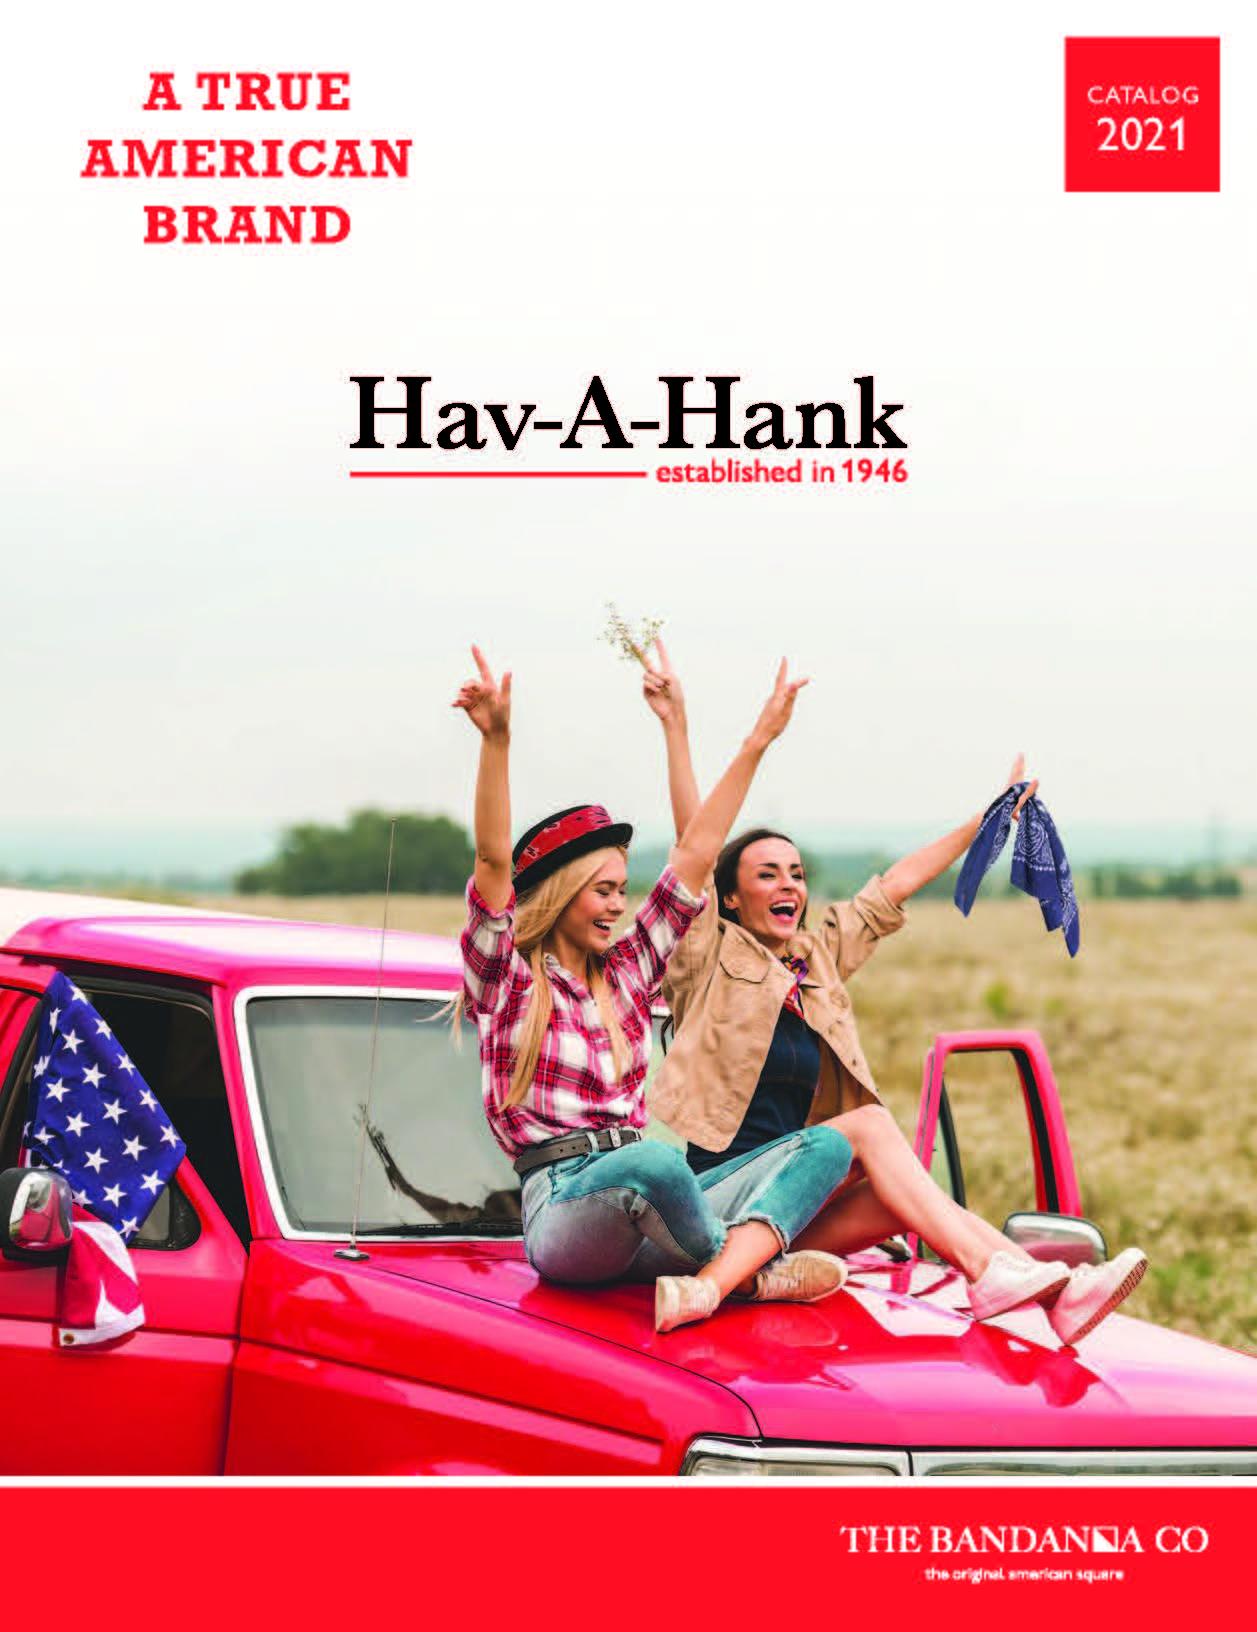 The Bandanna Company - 2015 Retail Catalog